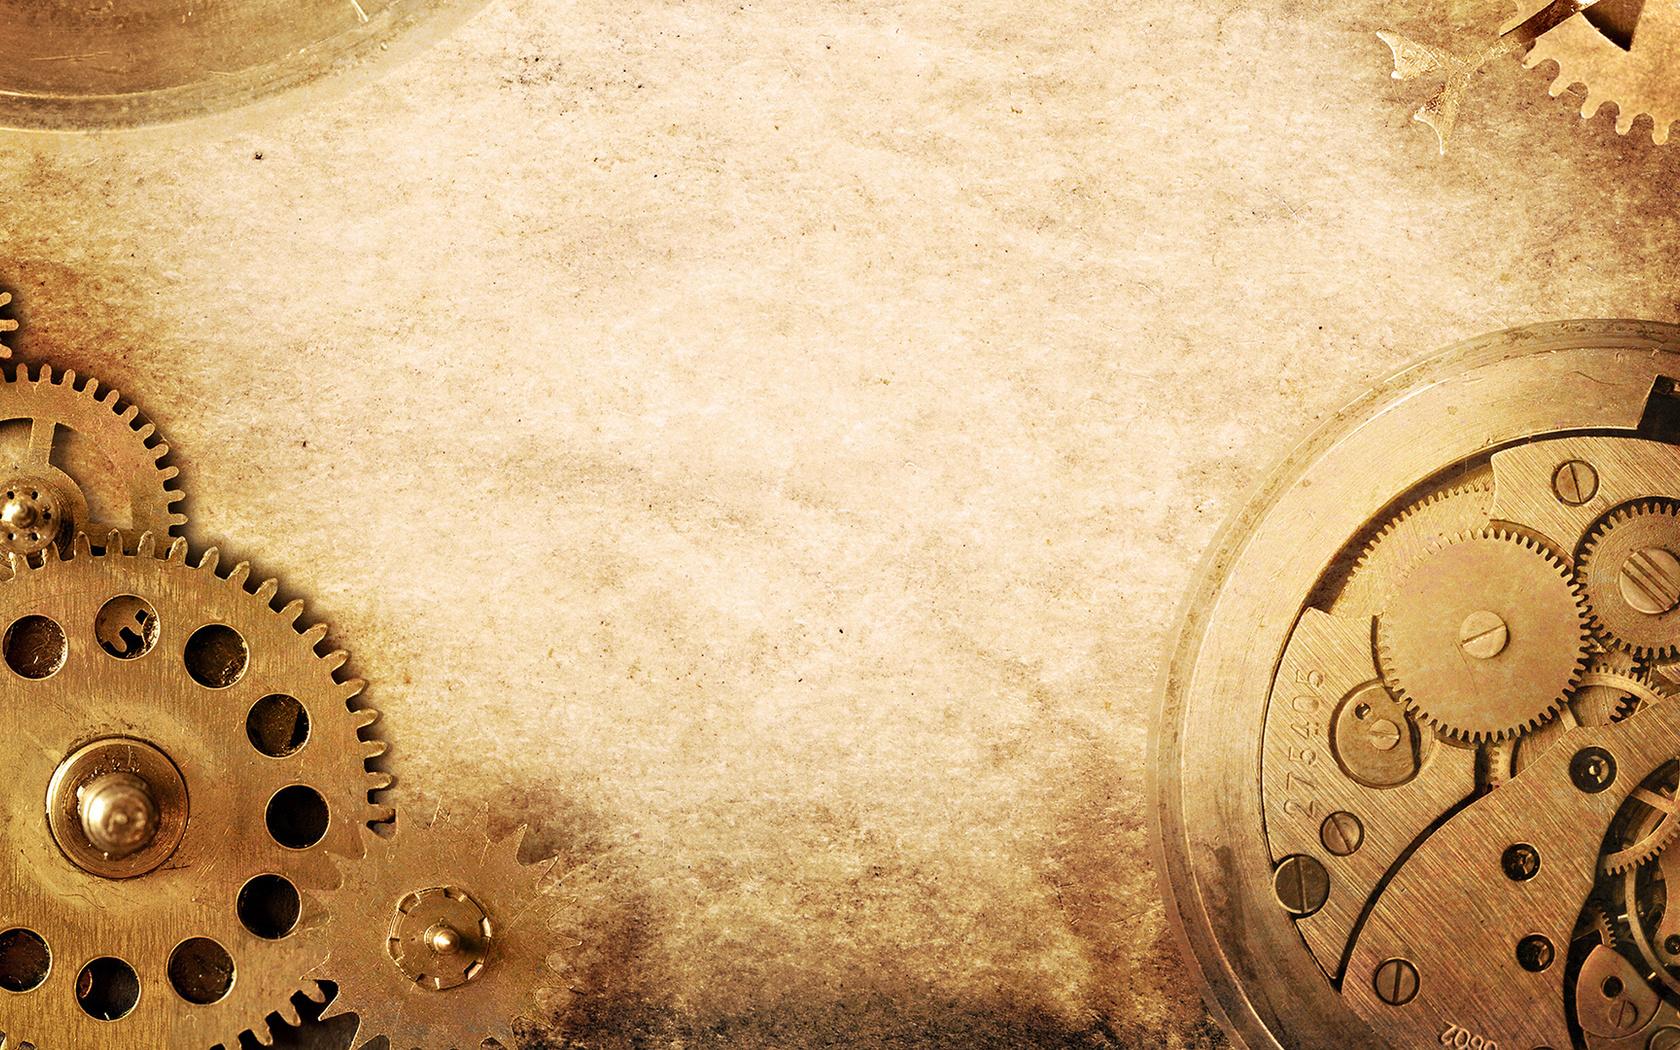 download Die Macht der Banken: Politische Positionen zur Neuregelung der